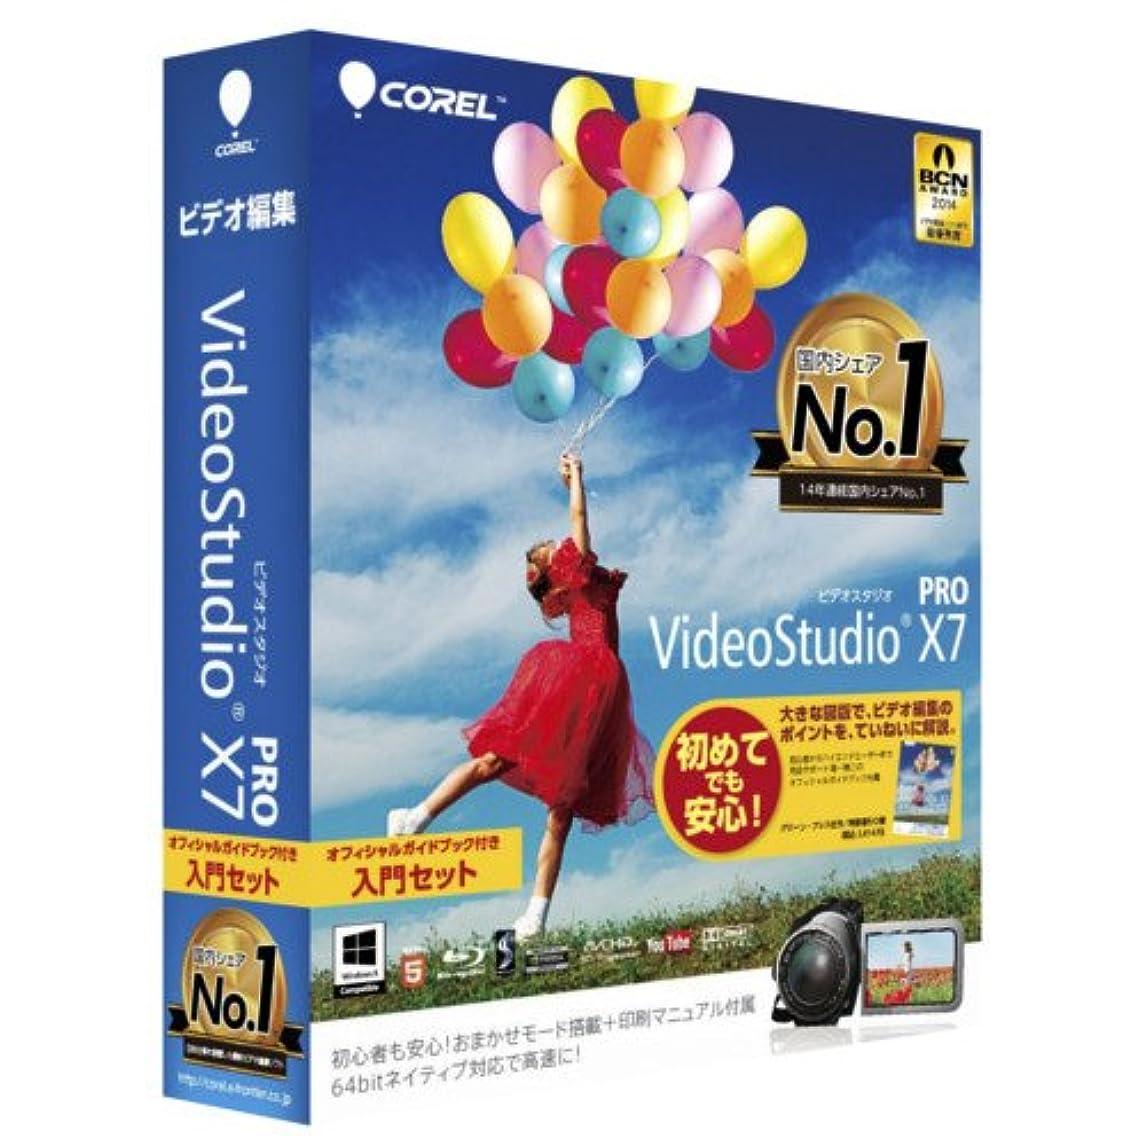 VideoStudio Pro X7 入門セット